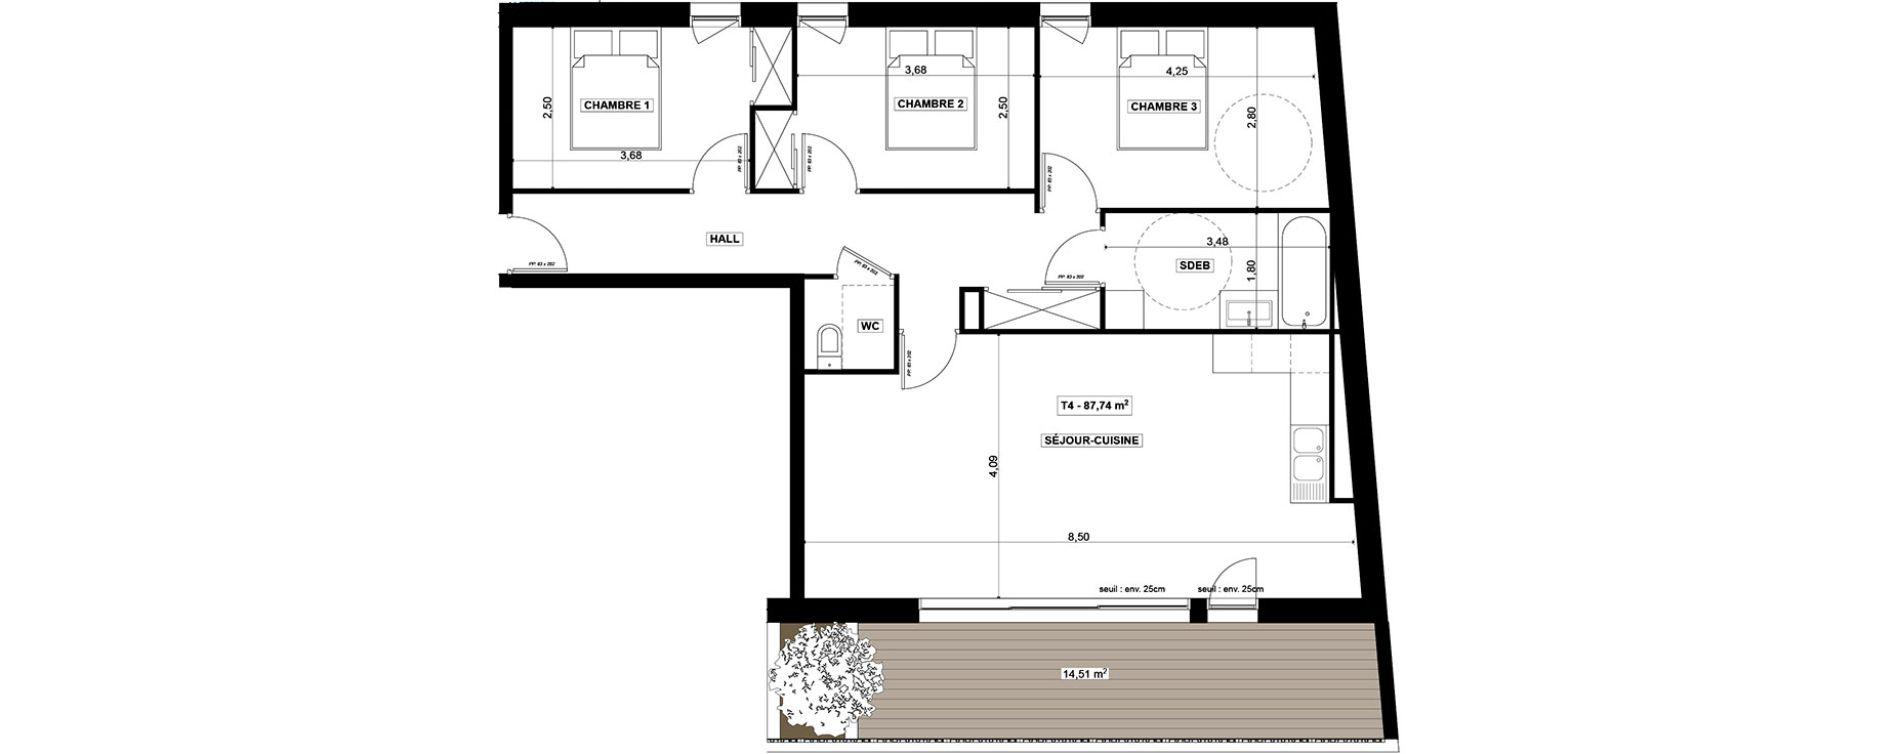 Appartement T4 de 86,74 m2 à Quimper Centre